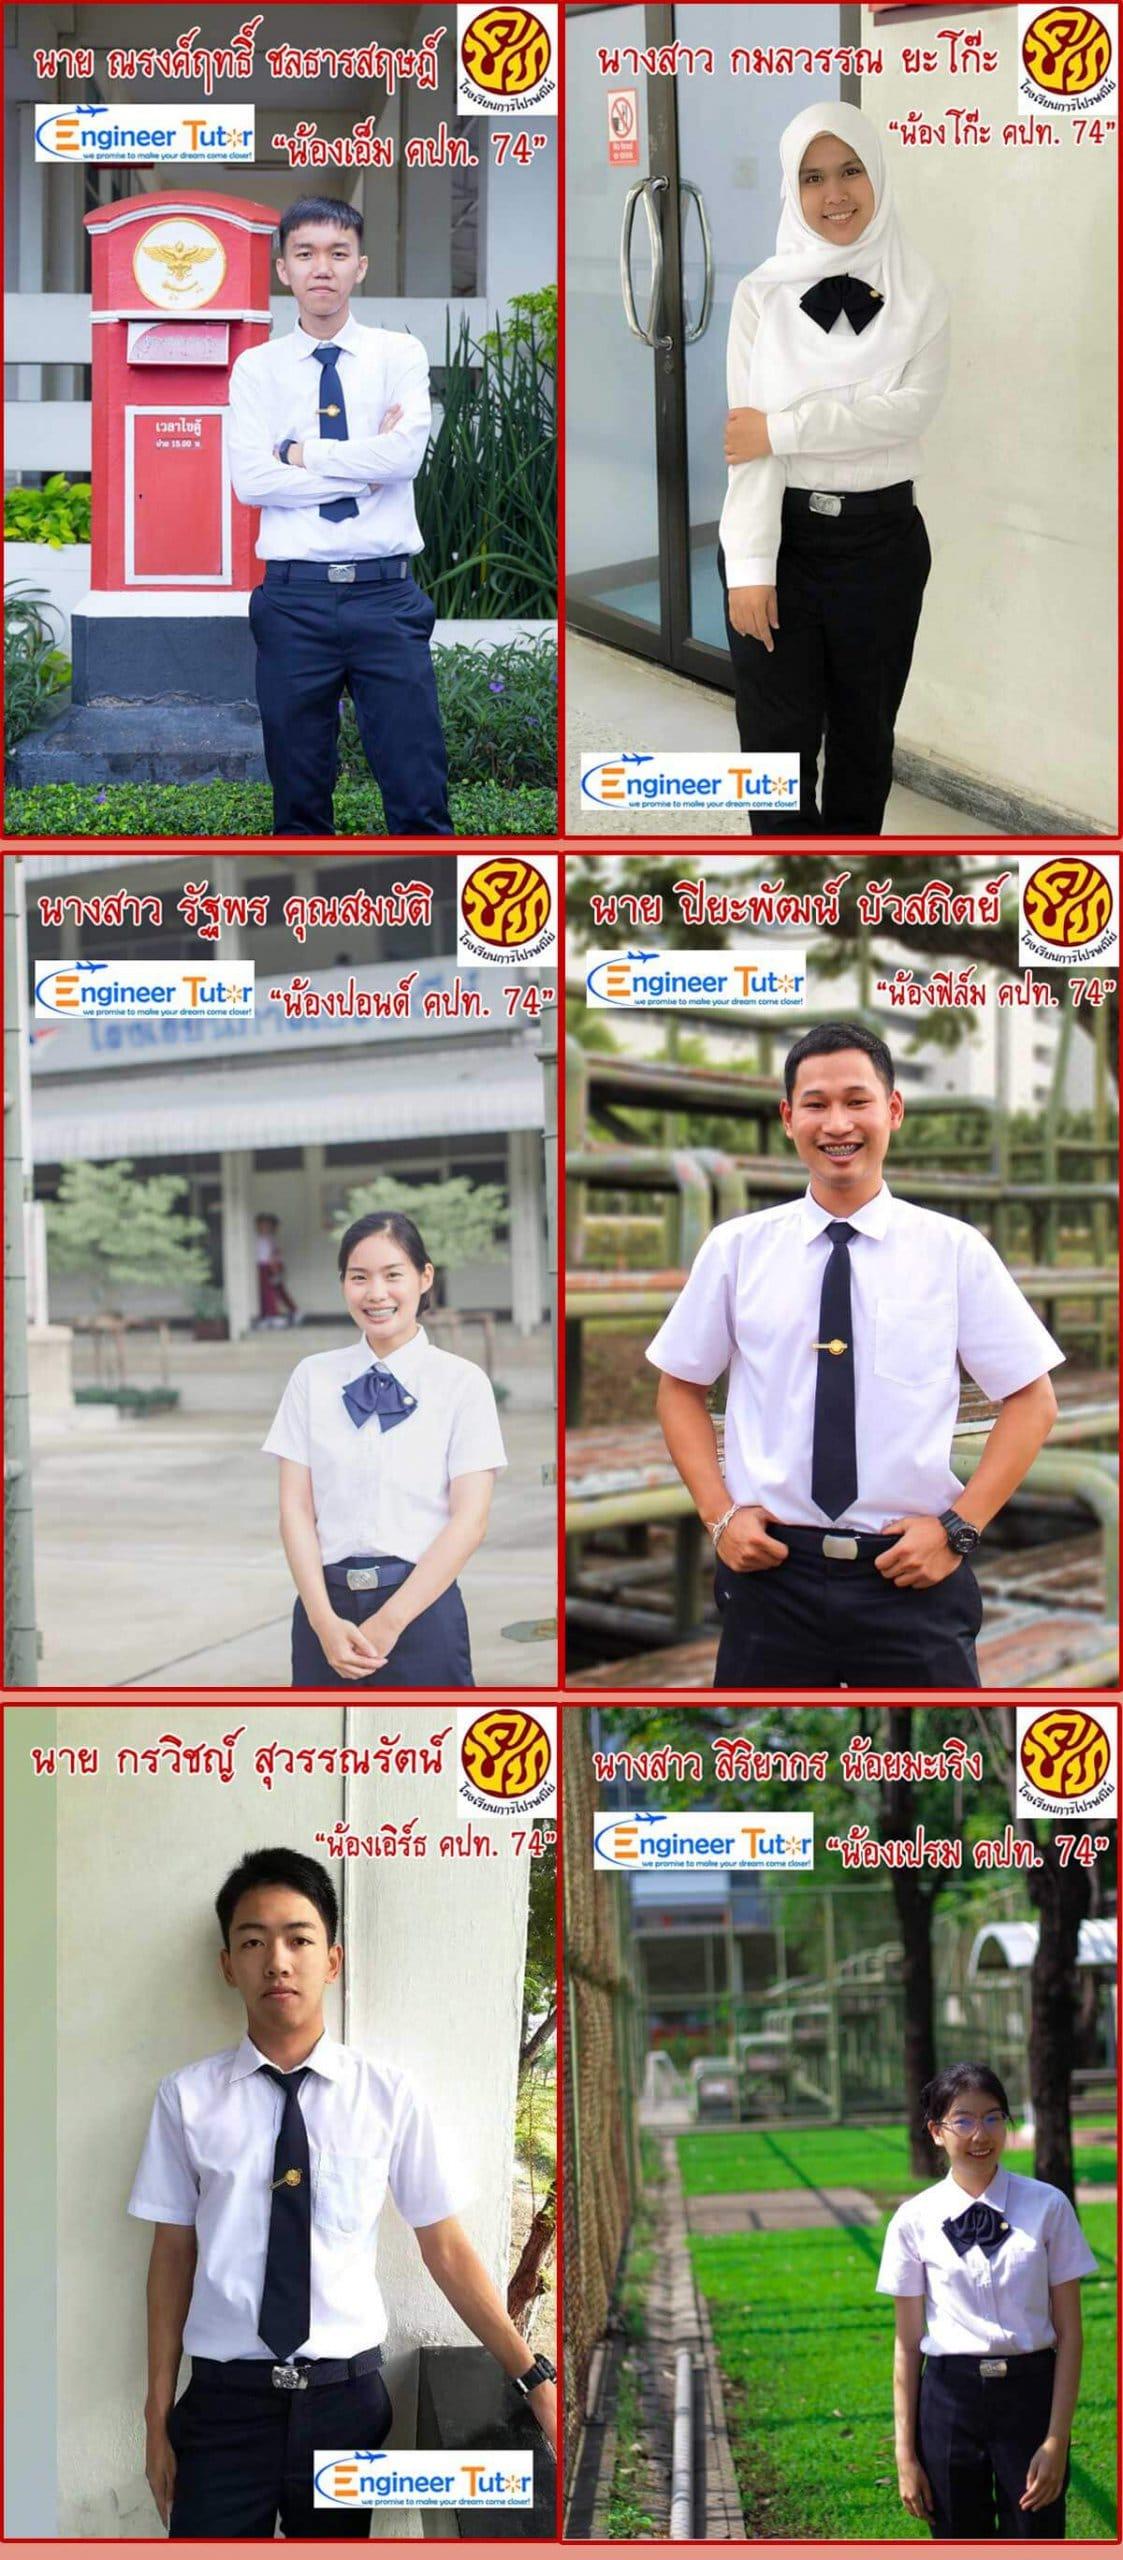 ผลงานติวสอบโรงเรียนการไปรษณีย์ รุ่น คปท 74 ปีการศึกษา 2561